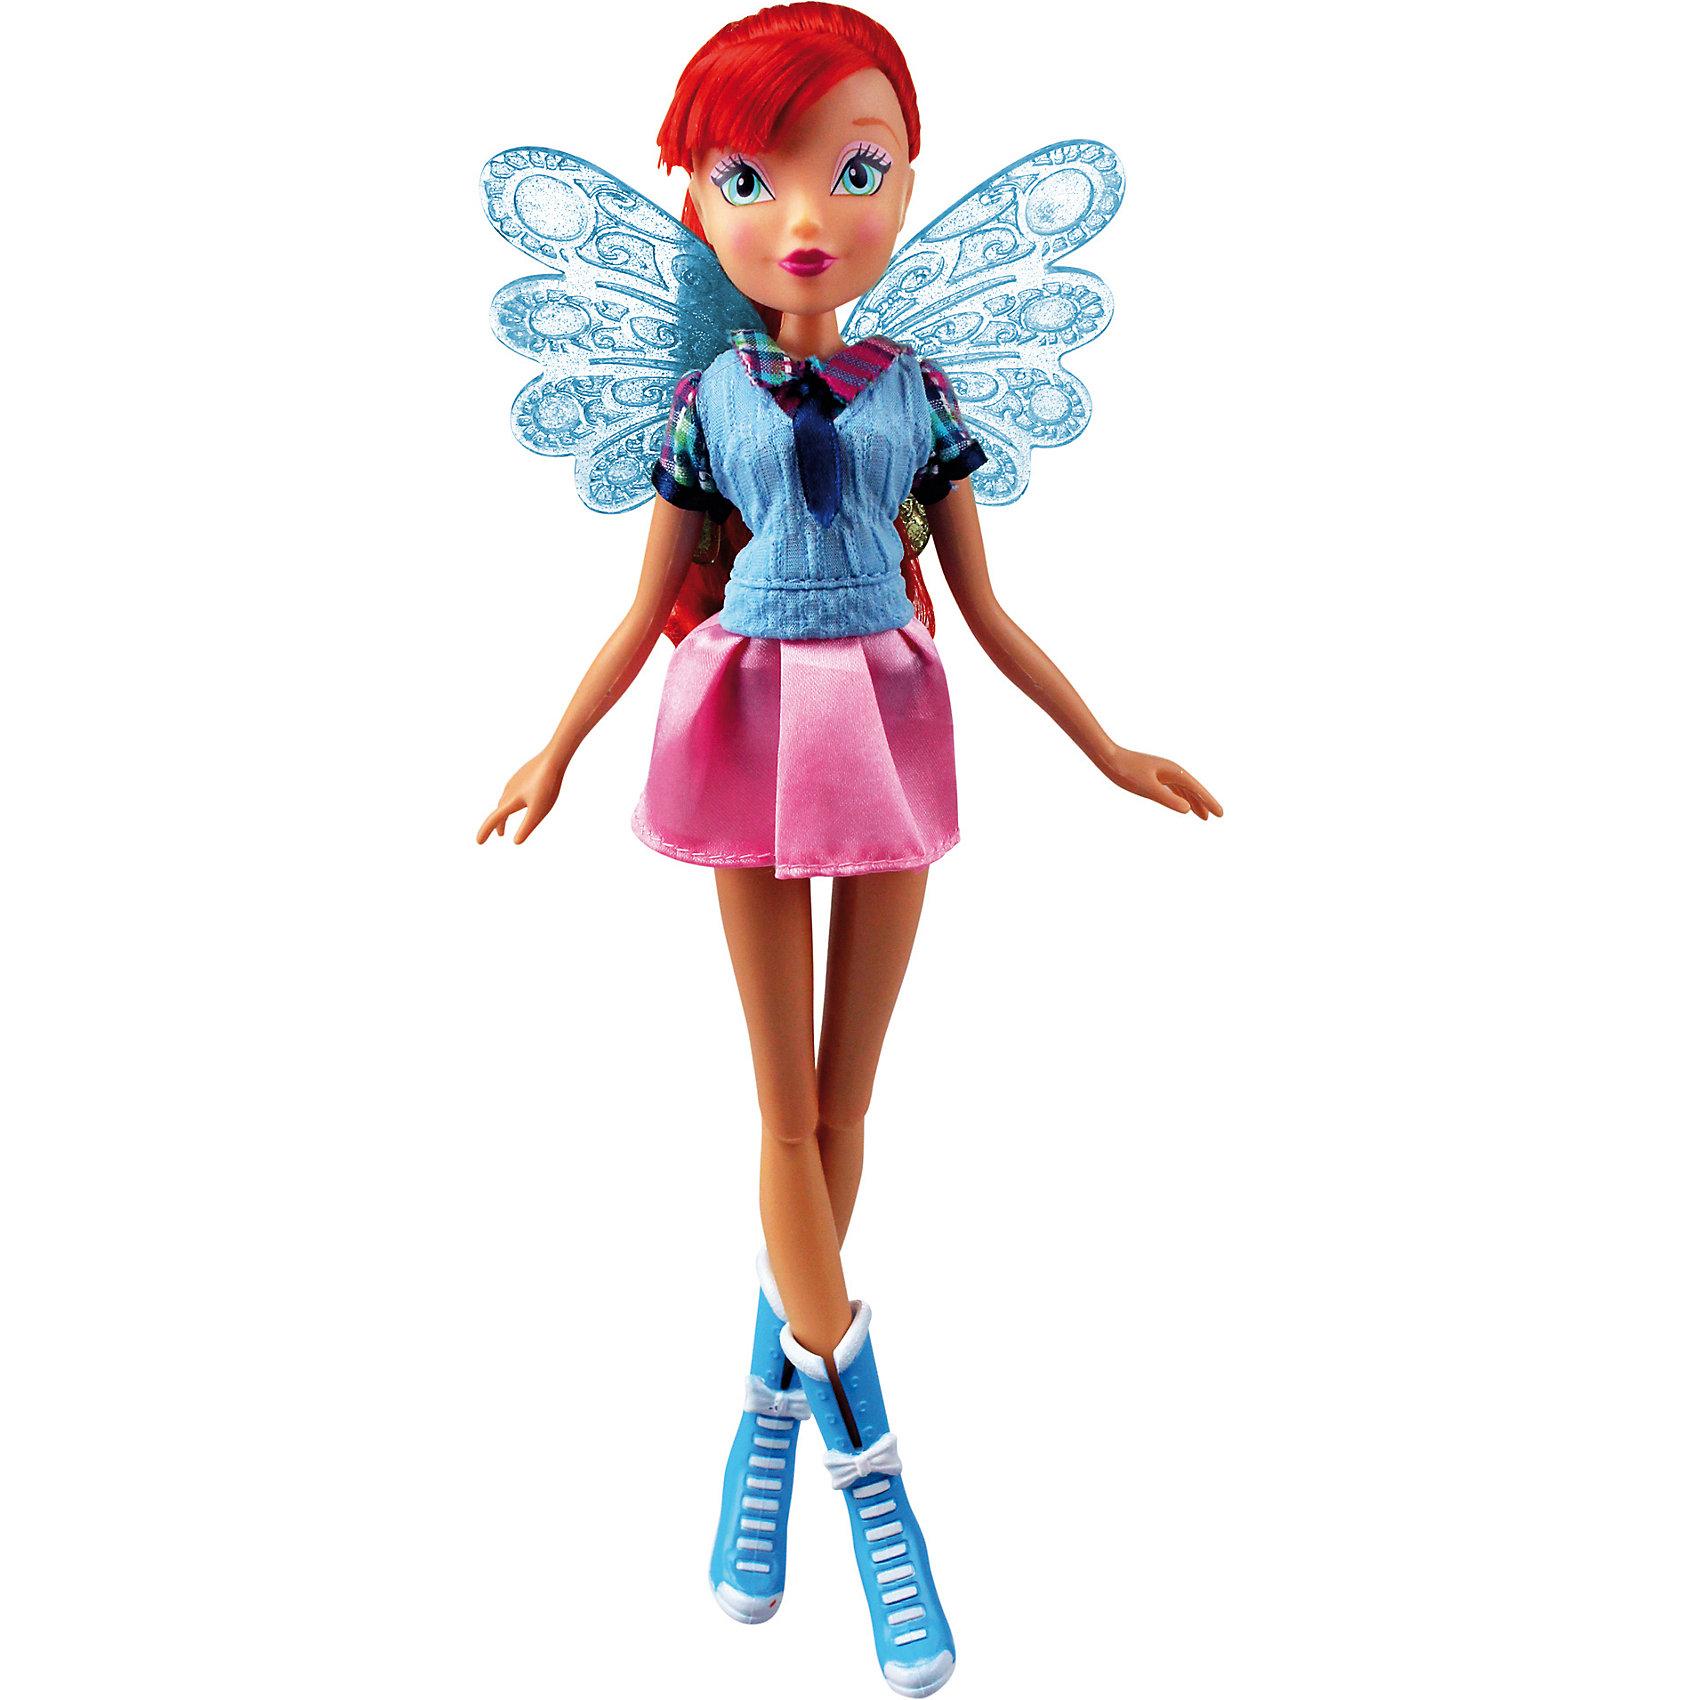 Кукла Winx Club Алфея БлумКукла Winx Club Алфея Блум – красавица в стильной школьной форме идеальный подарок для преданных поклонниц фей.<br>Очередной учебный год в магической школе «Алфея» начался! Вся компания девочек-фей из «Винкс Клуб» любит уникальные наряды и знает толк в моде. Коллекция кукол-волшебниц  из 7 сезона мультсериала «Винкс Клуб» уже в продаже! Эксклюзивная школьная форма, роскошные волосы, съемные подвижные крылышки и шарнирный механизм кукол обрадуют всех поклонниц «Винкс Клуб». С каждой куклой серии «Алфея» в подарок вы получаете оригинальный браслет со съемными декоративными элементами. В коллекции «Алфея» у куклы Блум модный голубой жилет, клетчатая рубашка, темно-синий галстук, нежно-розовая мини-юбка и стильные голубые ботильоны. Выразительные черты лица красавицы подчеркнуты ярким макияжем, а ее шикарные рыжие локоны спадают мягкими волнами ниже плеч. Чудесные прозрачные ажурные крылышки феи порхают как настоящие и ярко мерцают на свету! Юная волшебница полностью готова к изучению заклинаний и получению силы Баттерфликс. Одежда и аксессуары куклы Winx Club «Алфея» Блум полностью повторяют стиль одноименной героини сериала Winx Club (7 сезон). Продукция сертифицирована, экологически безопасна для детей, использованные красители не токсичны и гипоаллергенны.<br><br>Дополнительная информация:<br><br>- В комплекте: кукла, съемные крылья, брендированный браслет для девочки со съемными элементами (бабочка и цветочек)<br>- Высота куклы: 27 см.<br>- Материал: пластик, текстиль<br>- Руки и ноги куклы закреплены на шарнирных соединениях, поэтому их можно сгибать и двигать, придавая игрушке различные эффектные позы<br><br>Куклу Winx Club Алфея Блум можно купить в нашем интернет-магазине.<br><br>Ширина мм: 200<br>Глубина мм: 60<br>Высота мм: 340<br>Вес г: 343<br>Возраст от месяцев: 36<br>Возраст до месяцев: 84<br>Пол: Женский<br>Возраст: Детский<br>SKU: 4728347